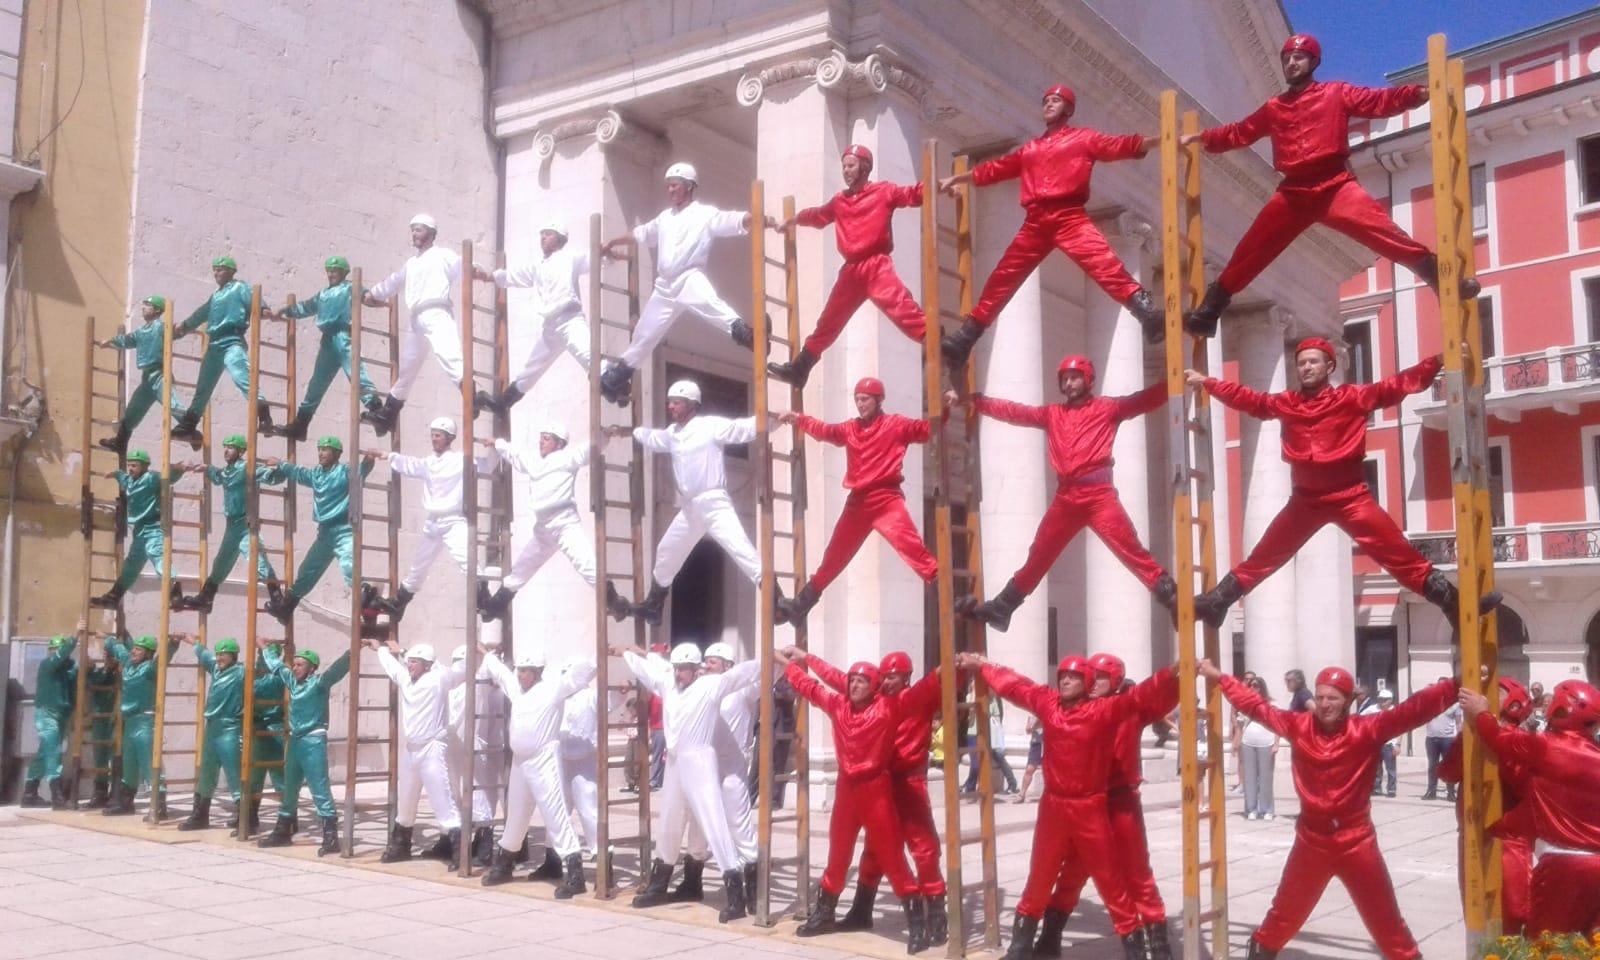 Festa della Repubblica, celebrazioni a Campobasso